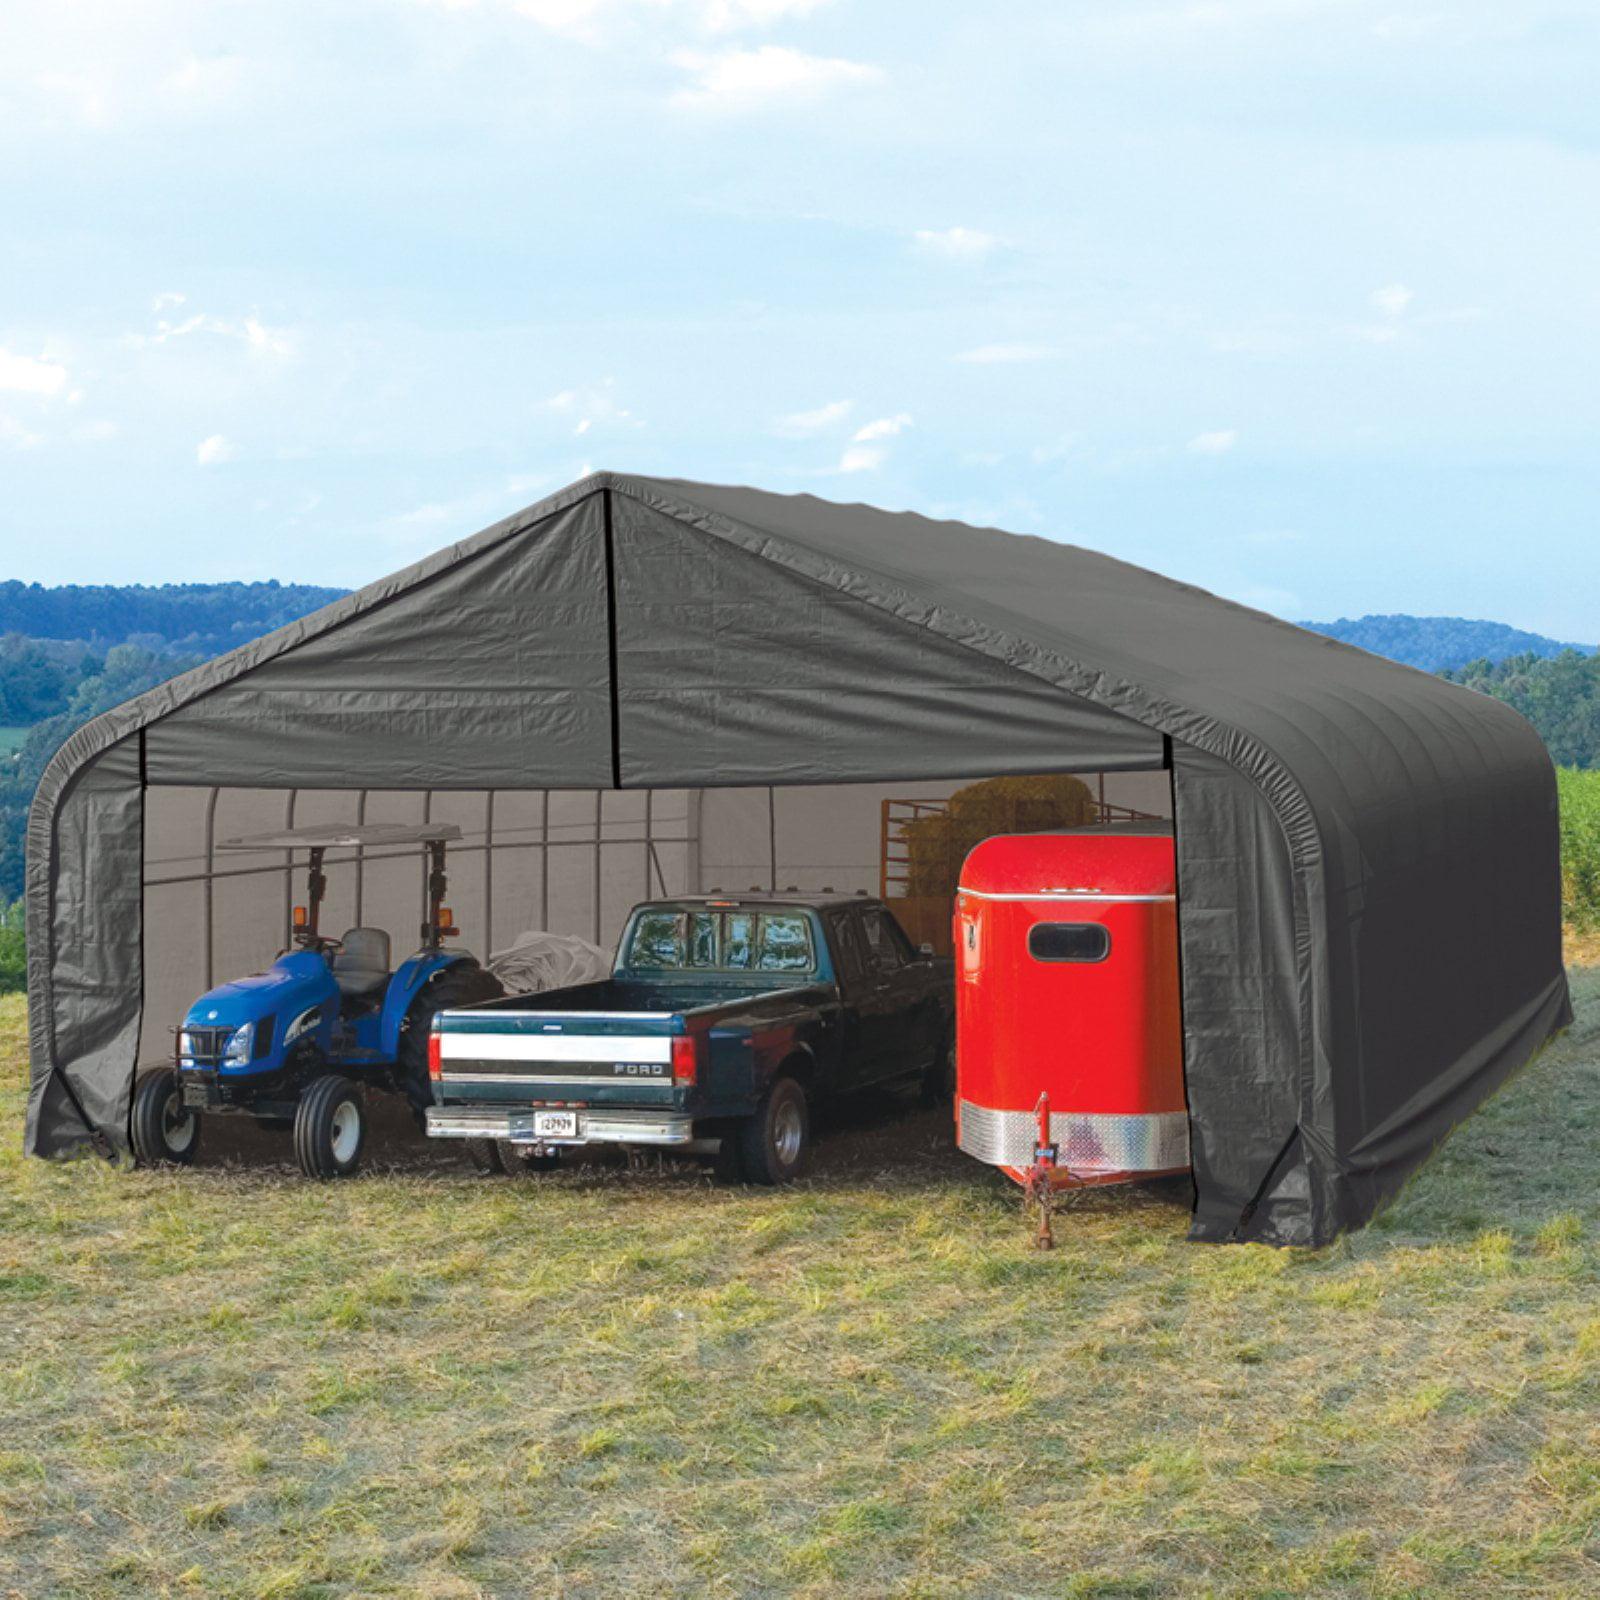 Shelterlogic 28' x 28' x 20' Peak Style Shelter, Green